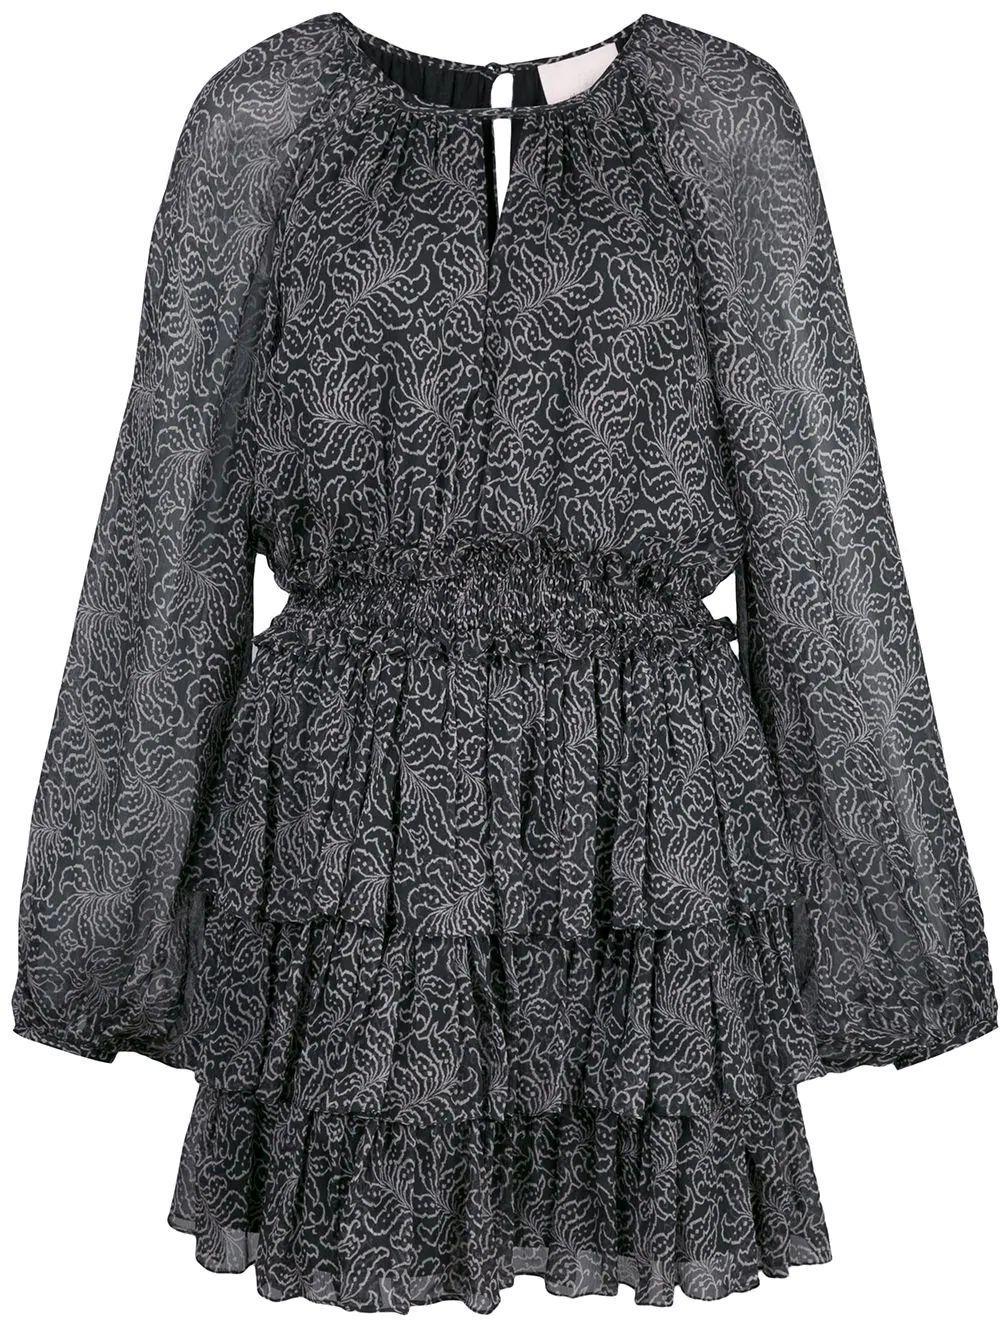 Annabel Print Ruffle Tier Mini Dress Item # ZD10253291Z